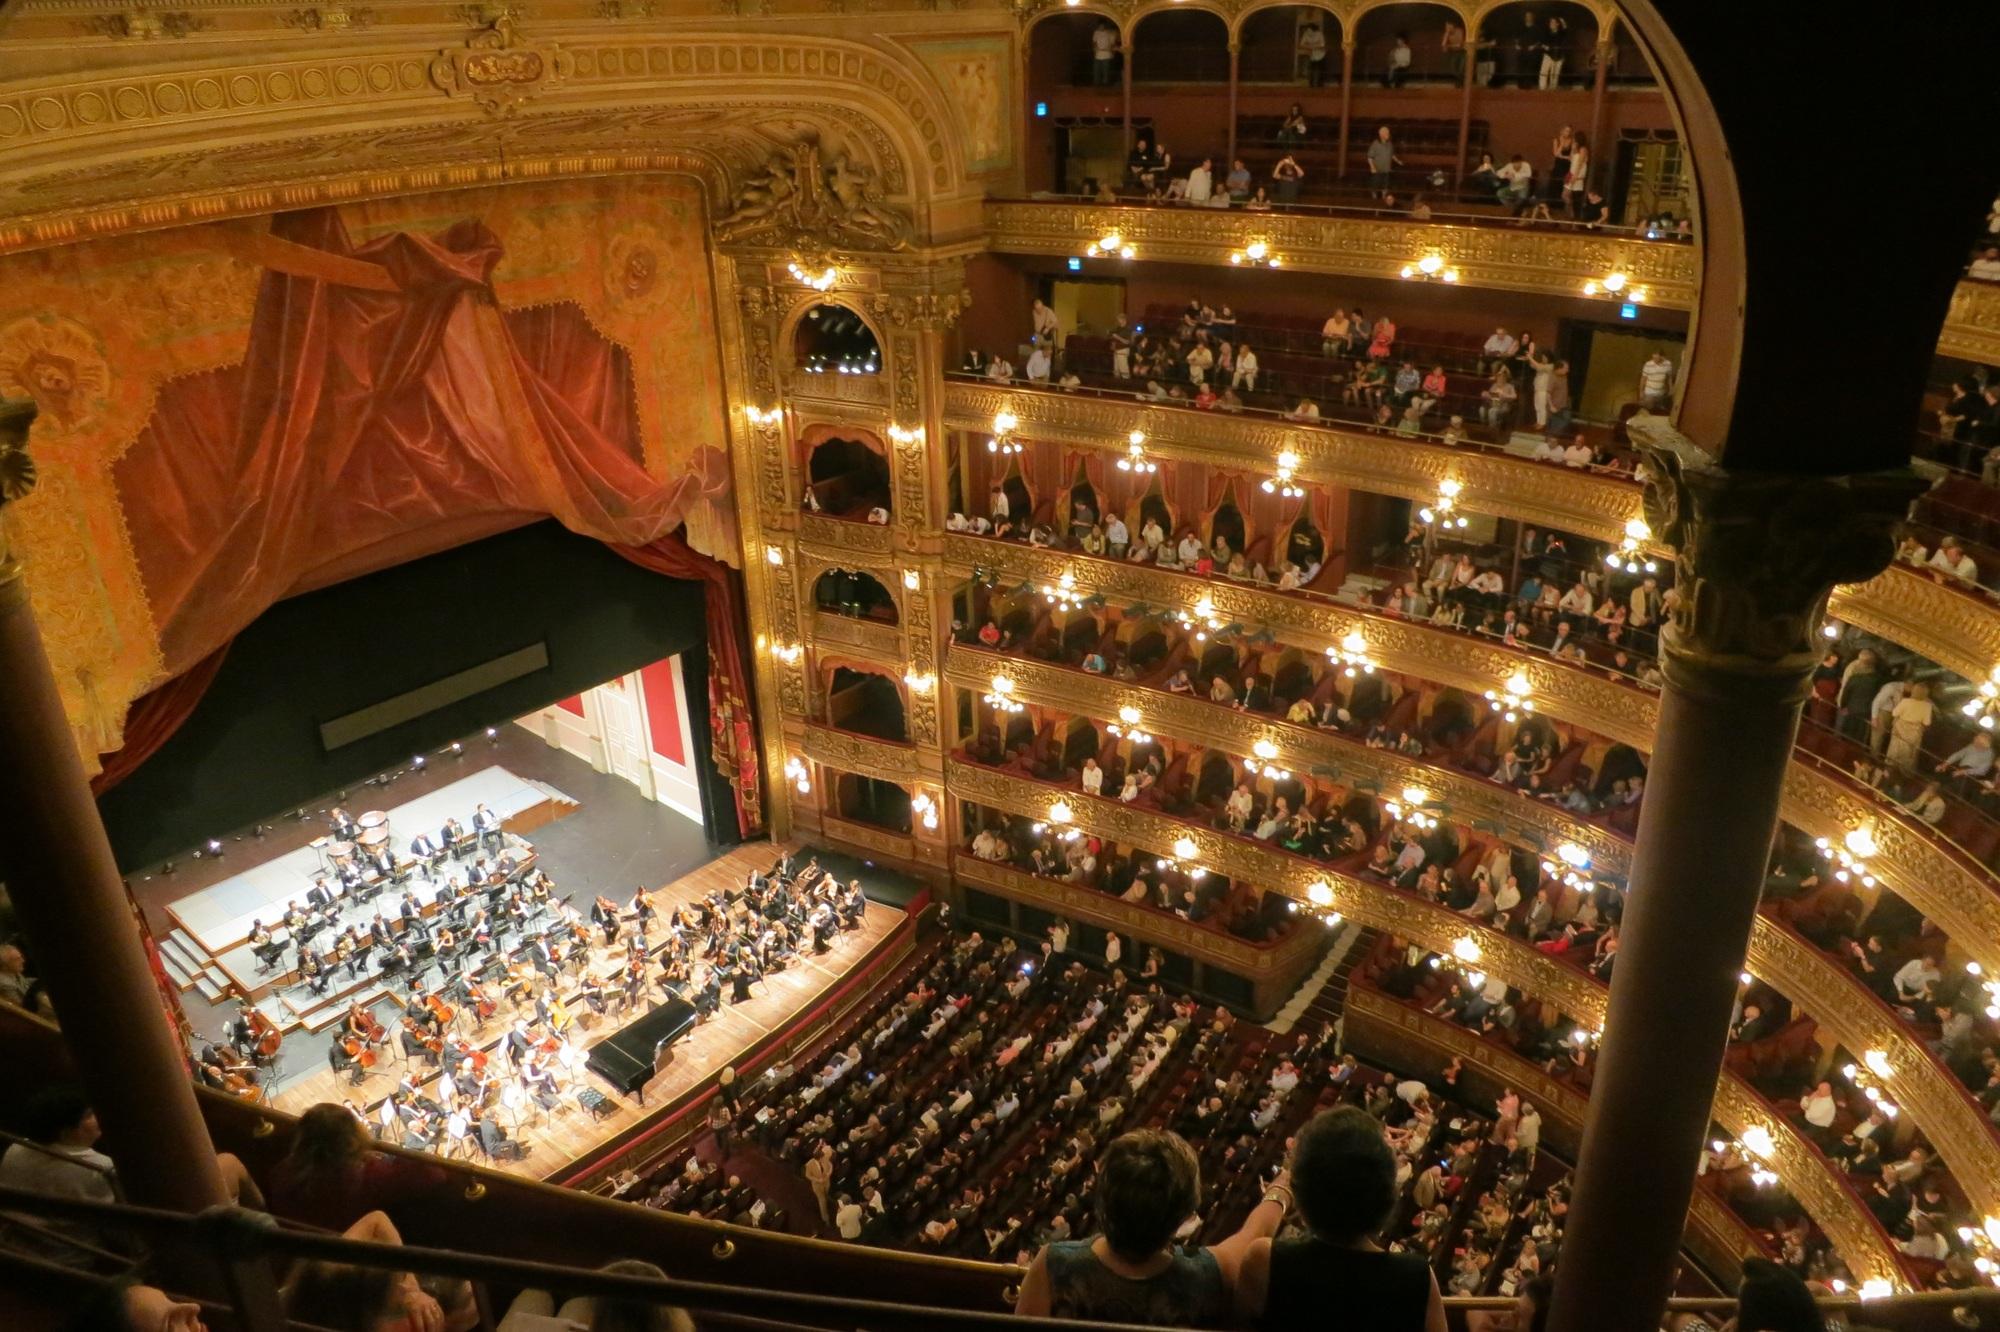 Teatro Colón en Buenos Aires: historia de uno de los mejores teatros del mundo